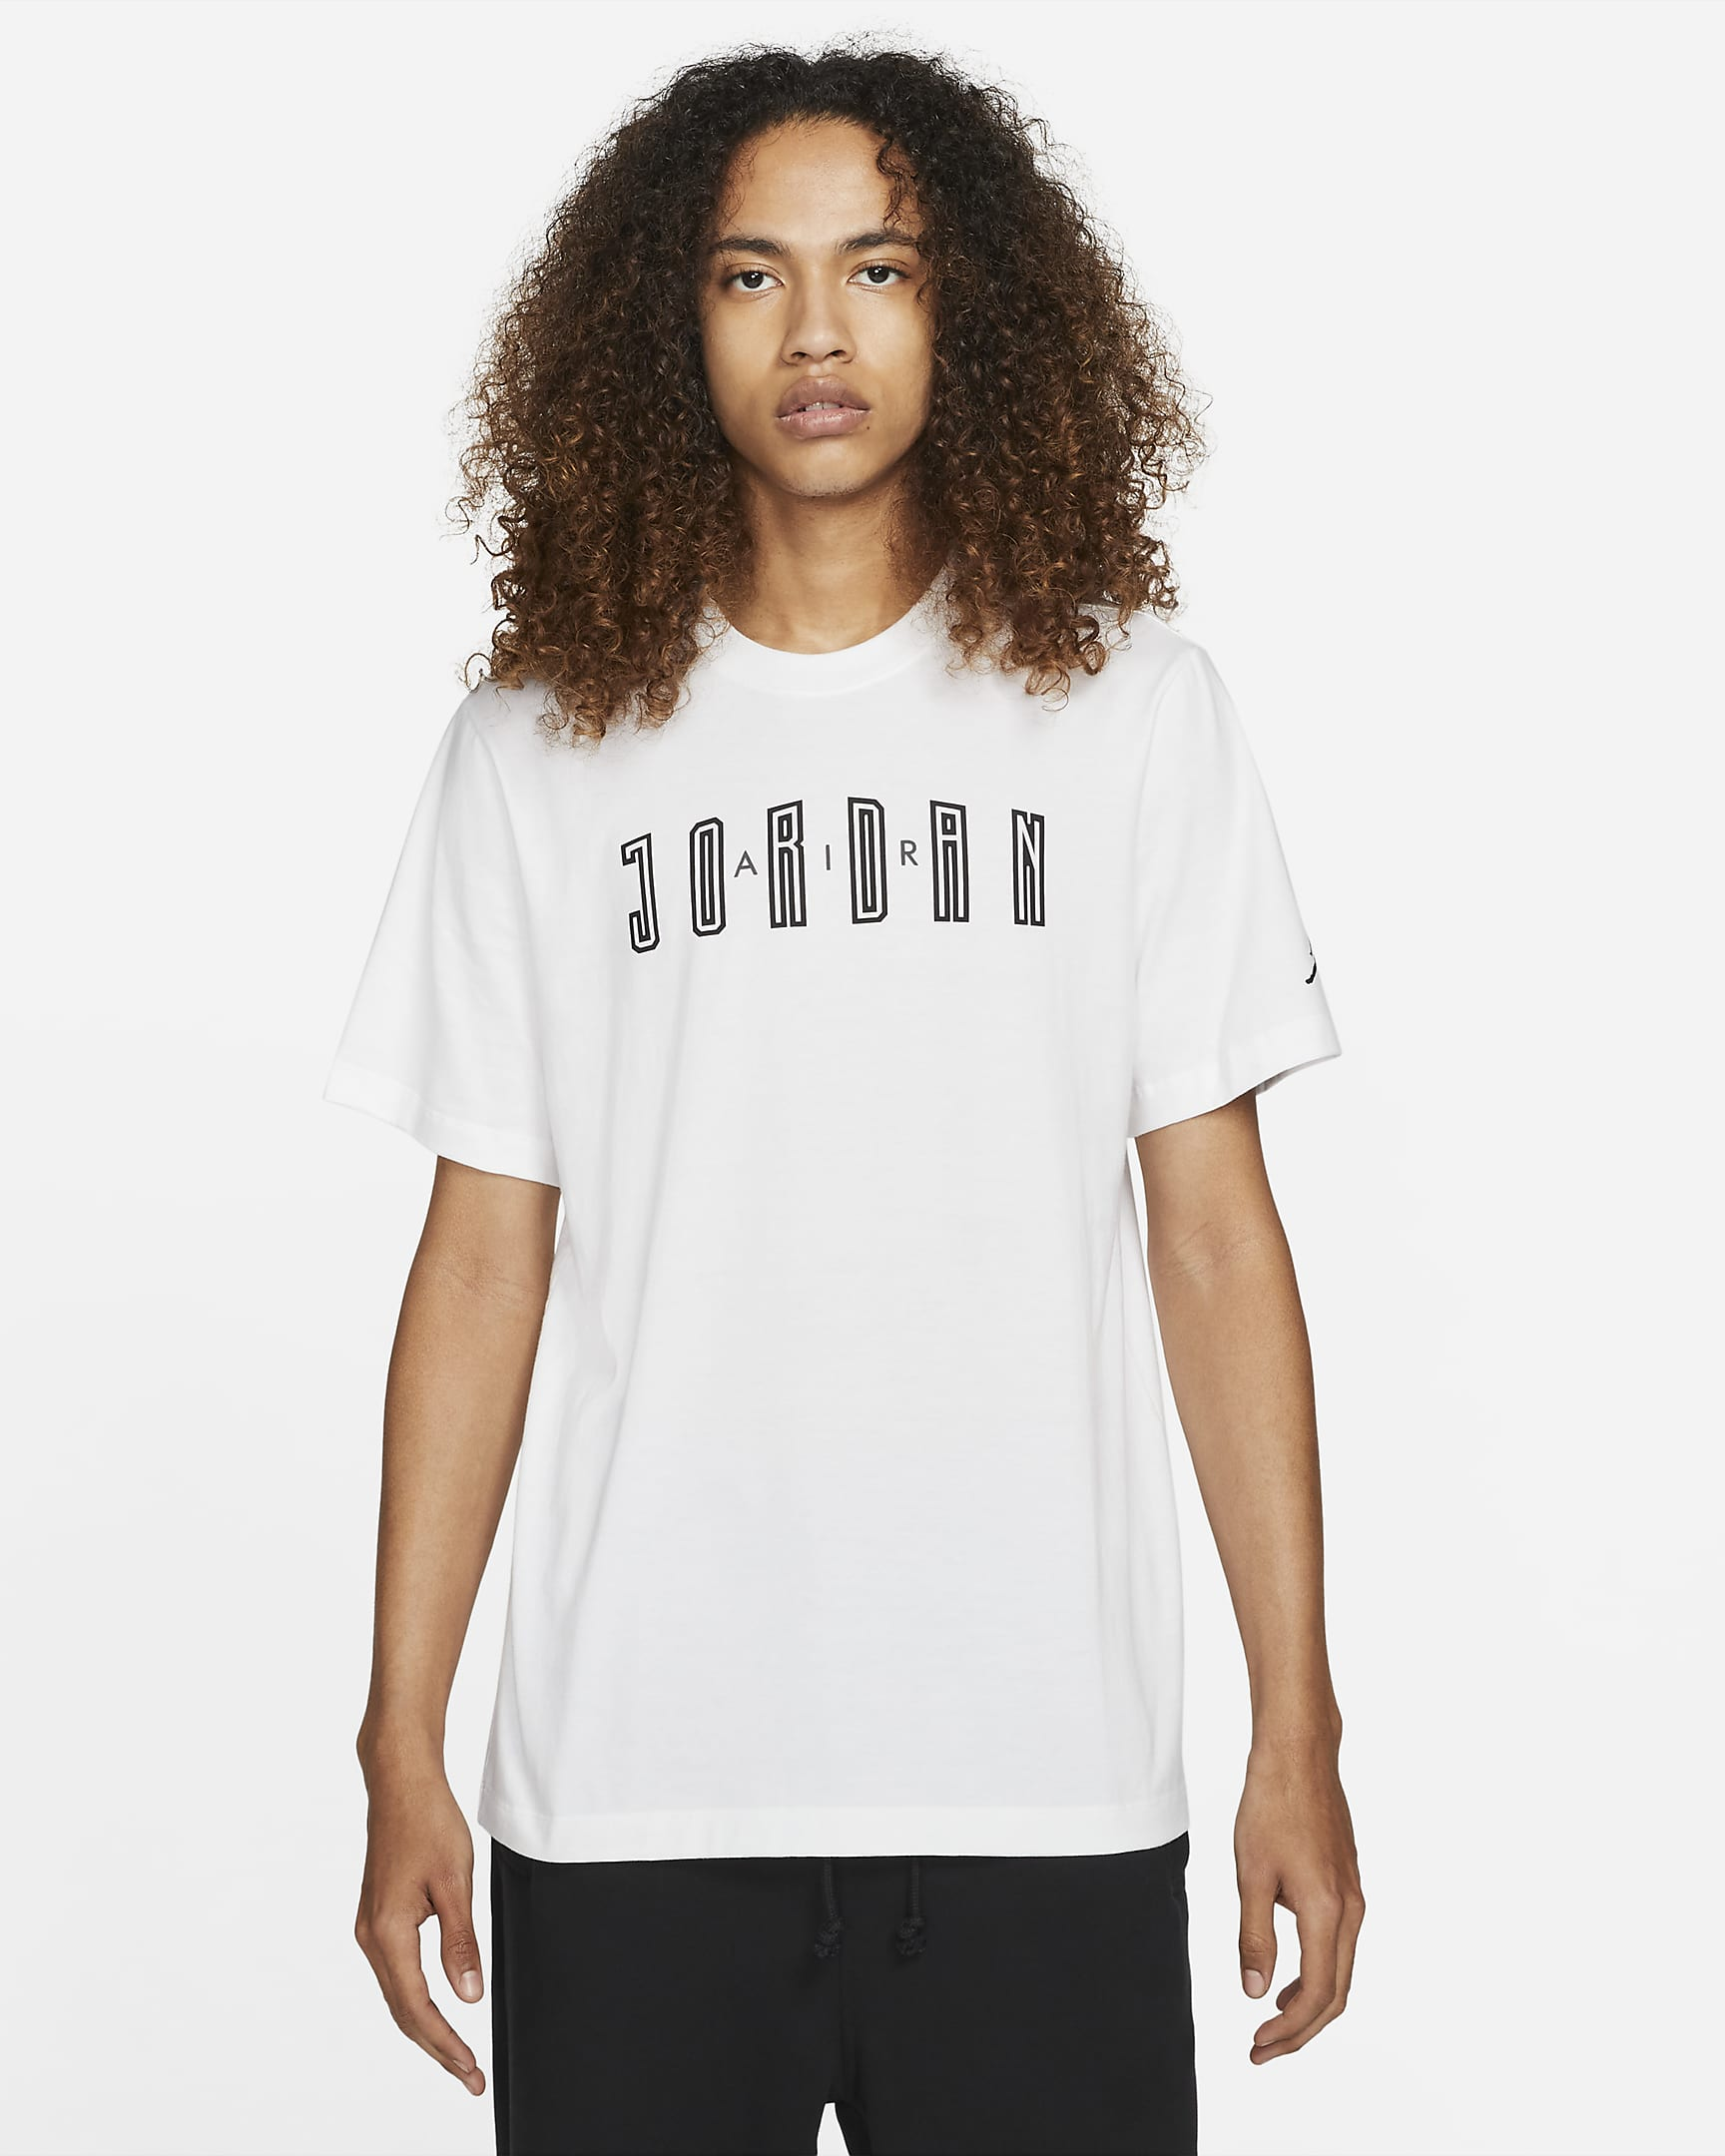 jordan-sport-dna-mens-t-shirt-mHWZLS-2.png